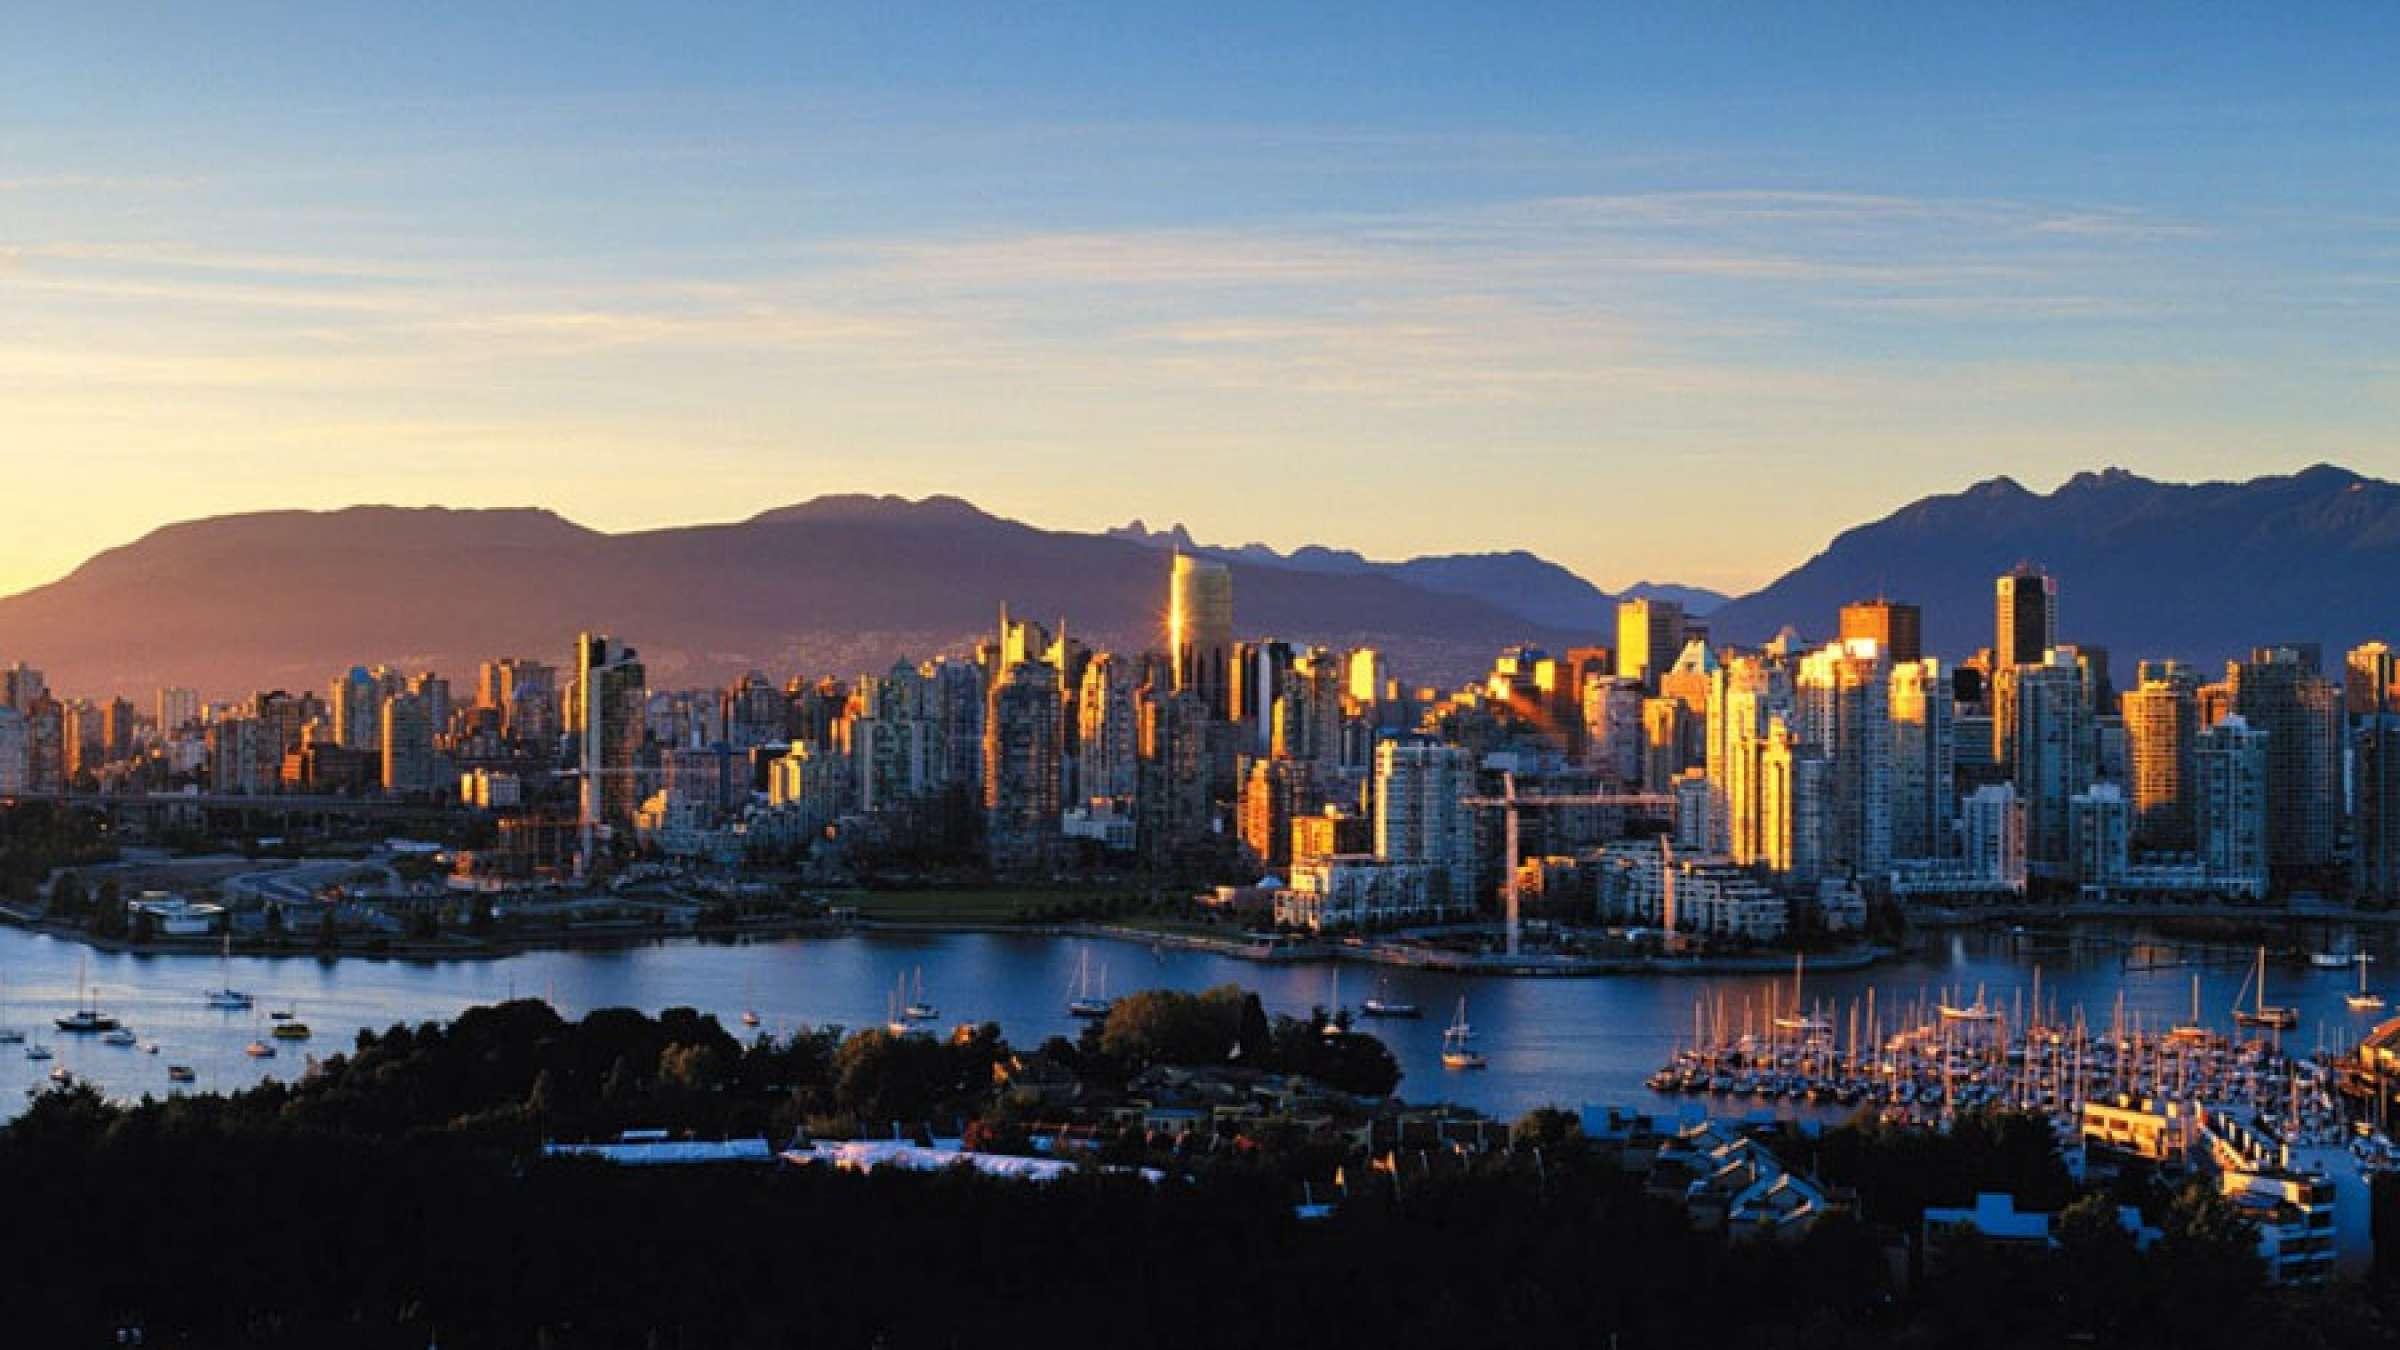 اخبار-کانادا-ونکوور-تغییر-ساعتش-را-حذف-میکند